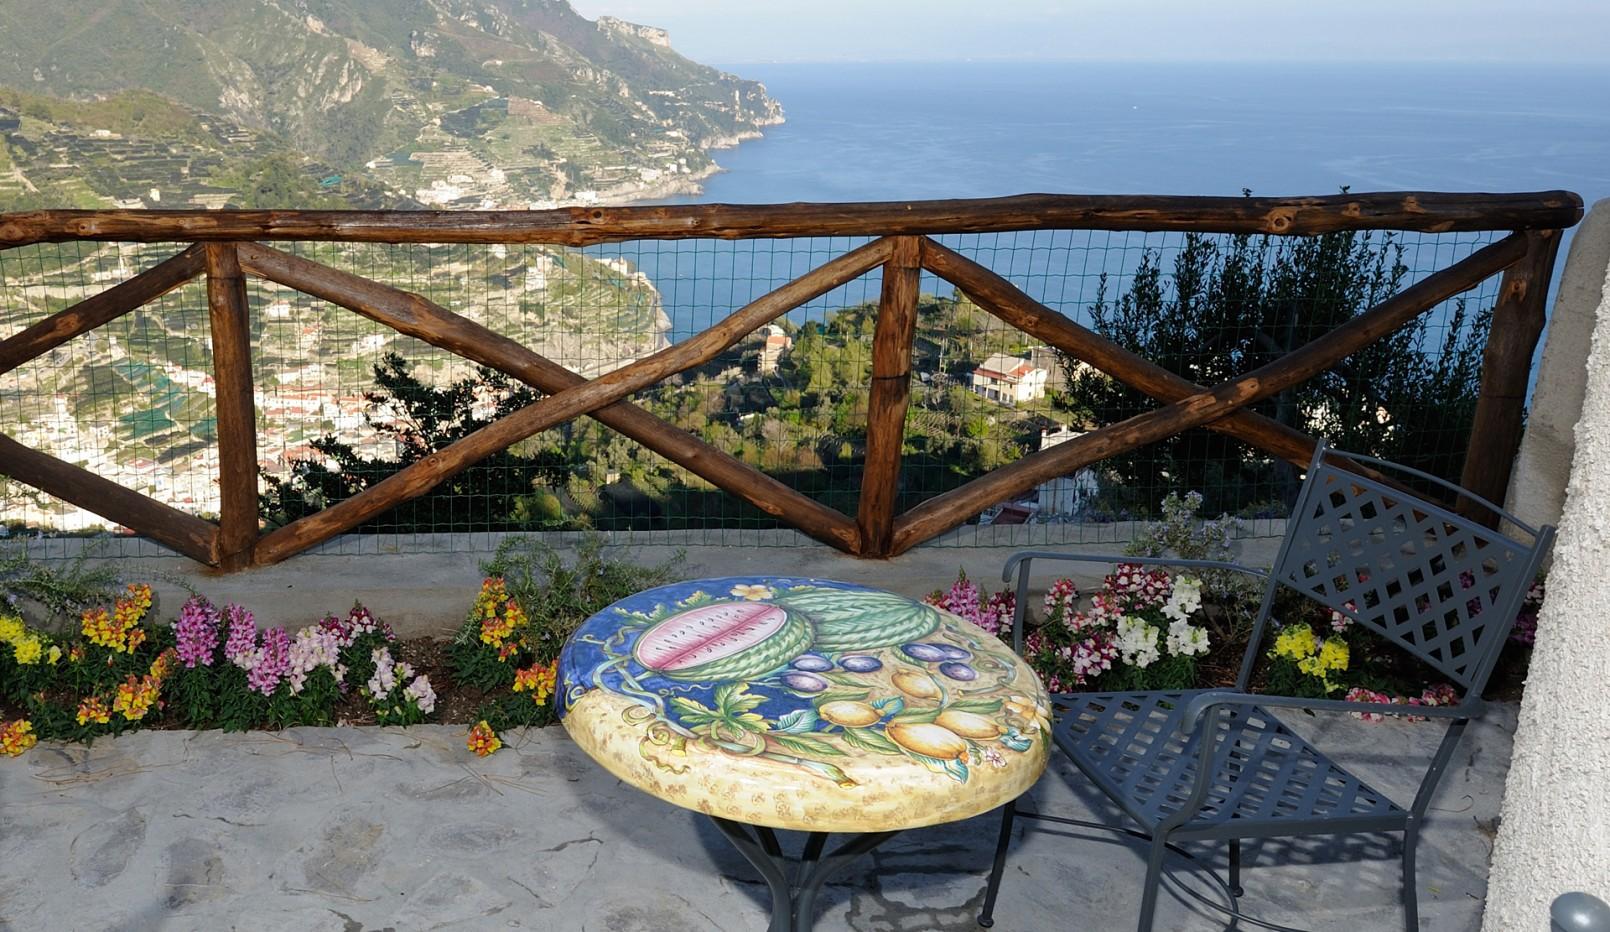 Bacco giardino - La Dolce Vita Ravello